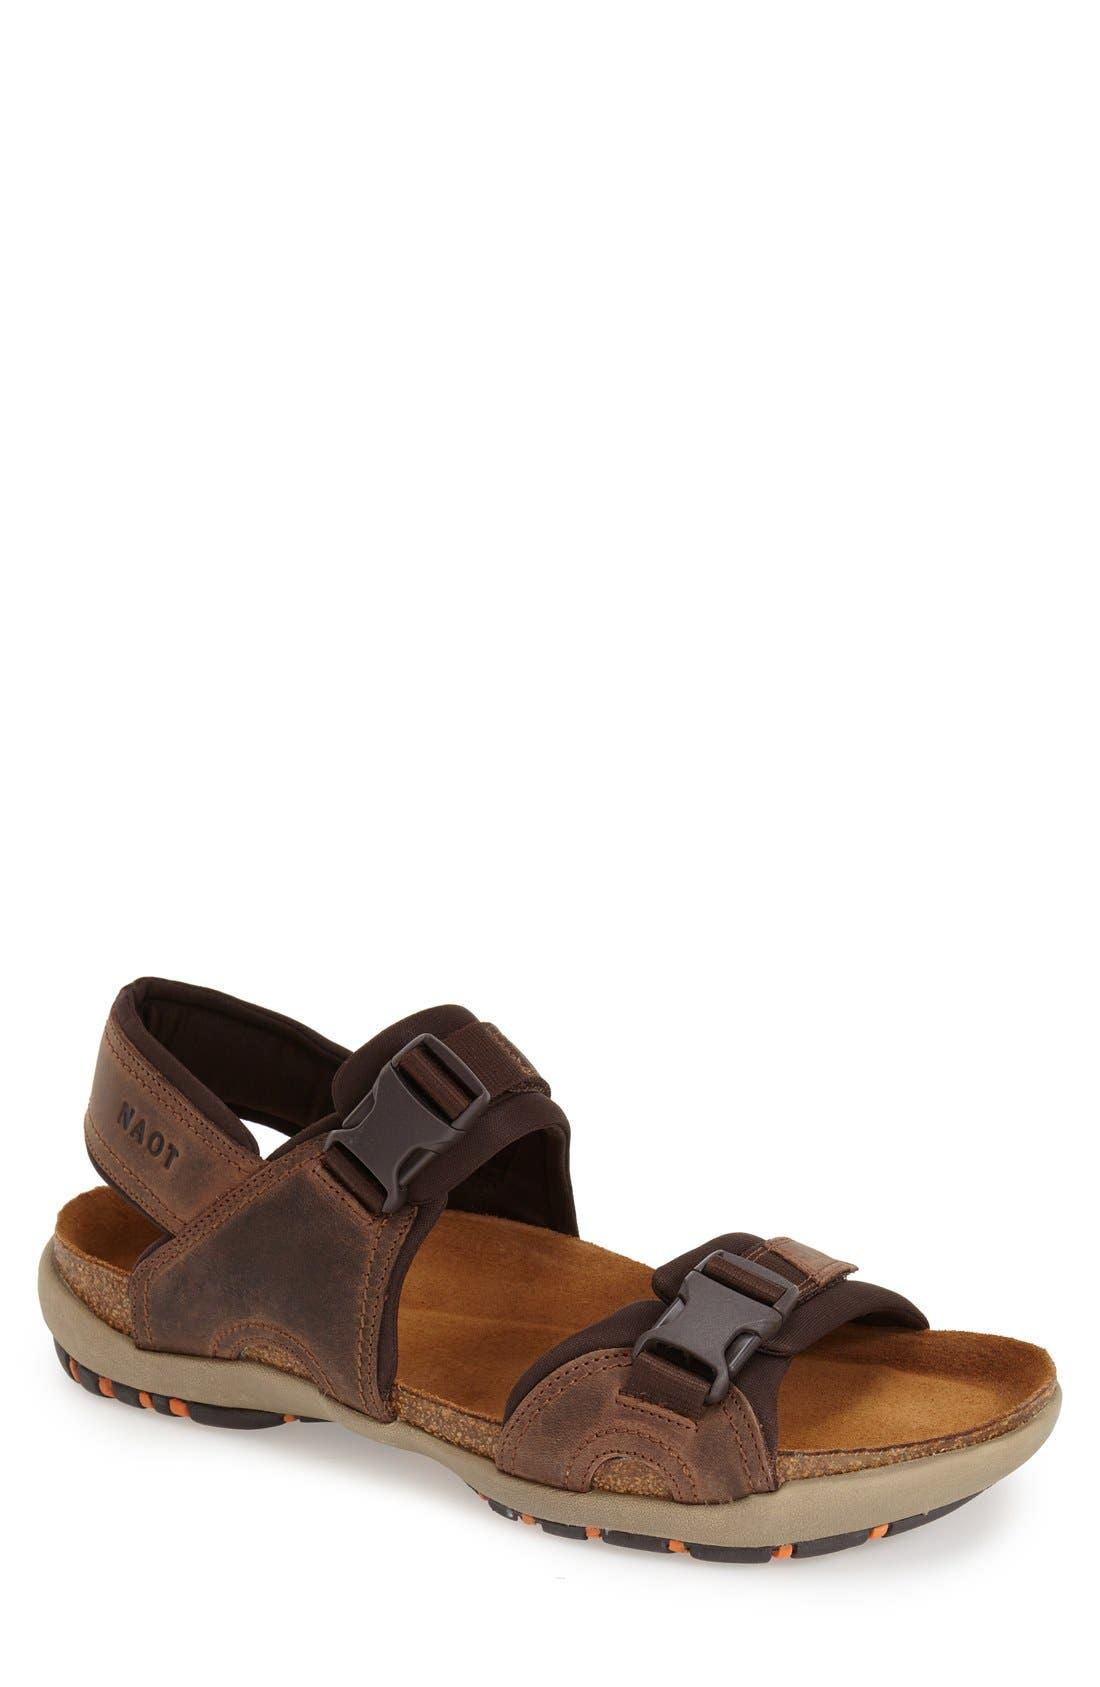 Explorer Sandal,                         Main,                         color,